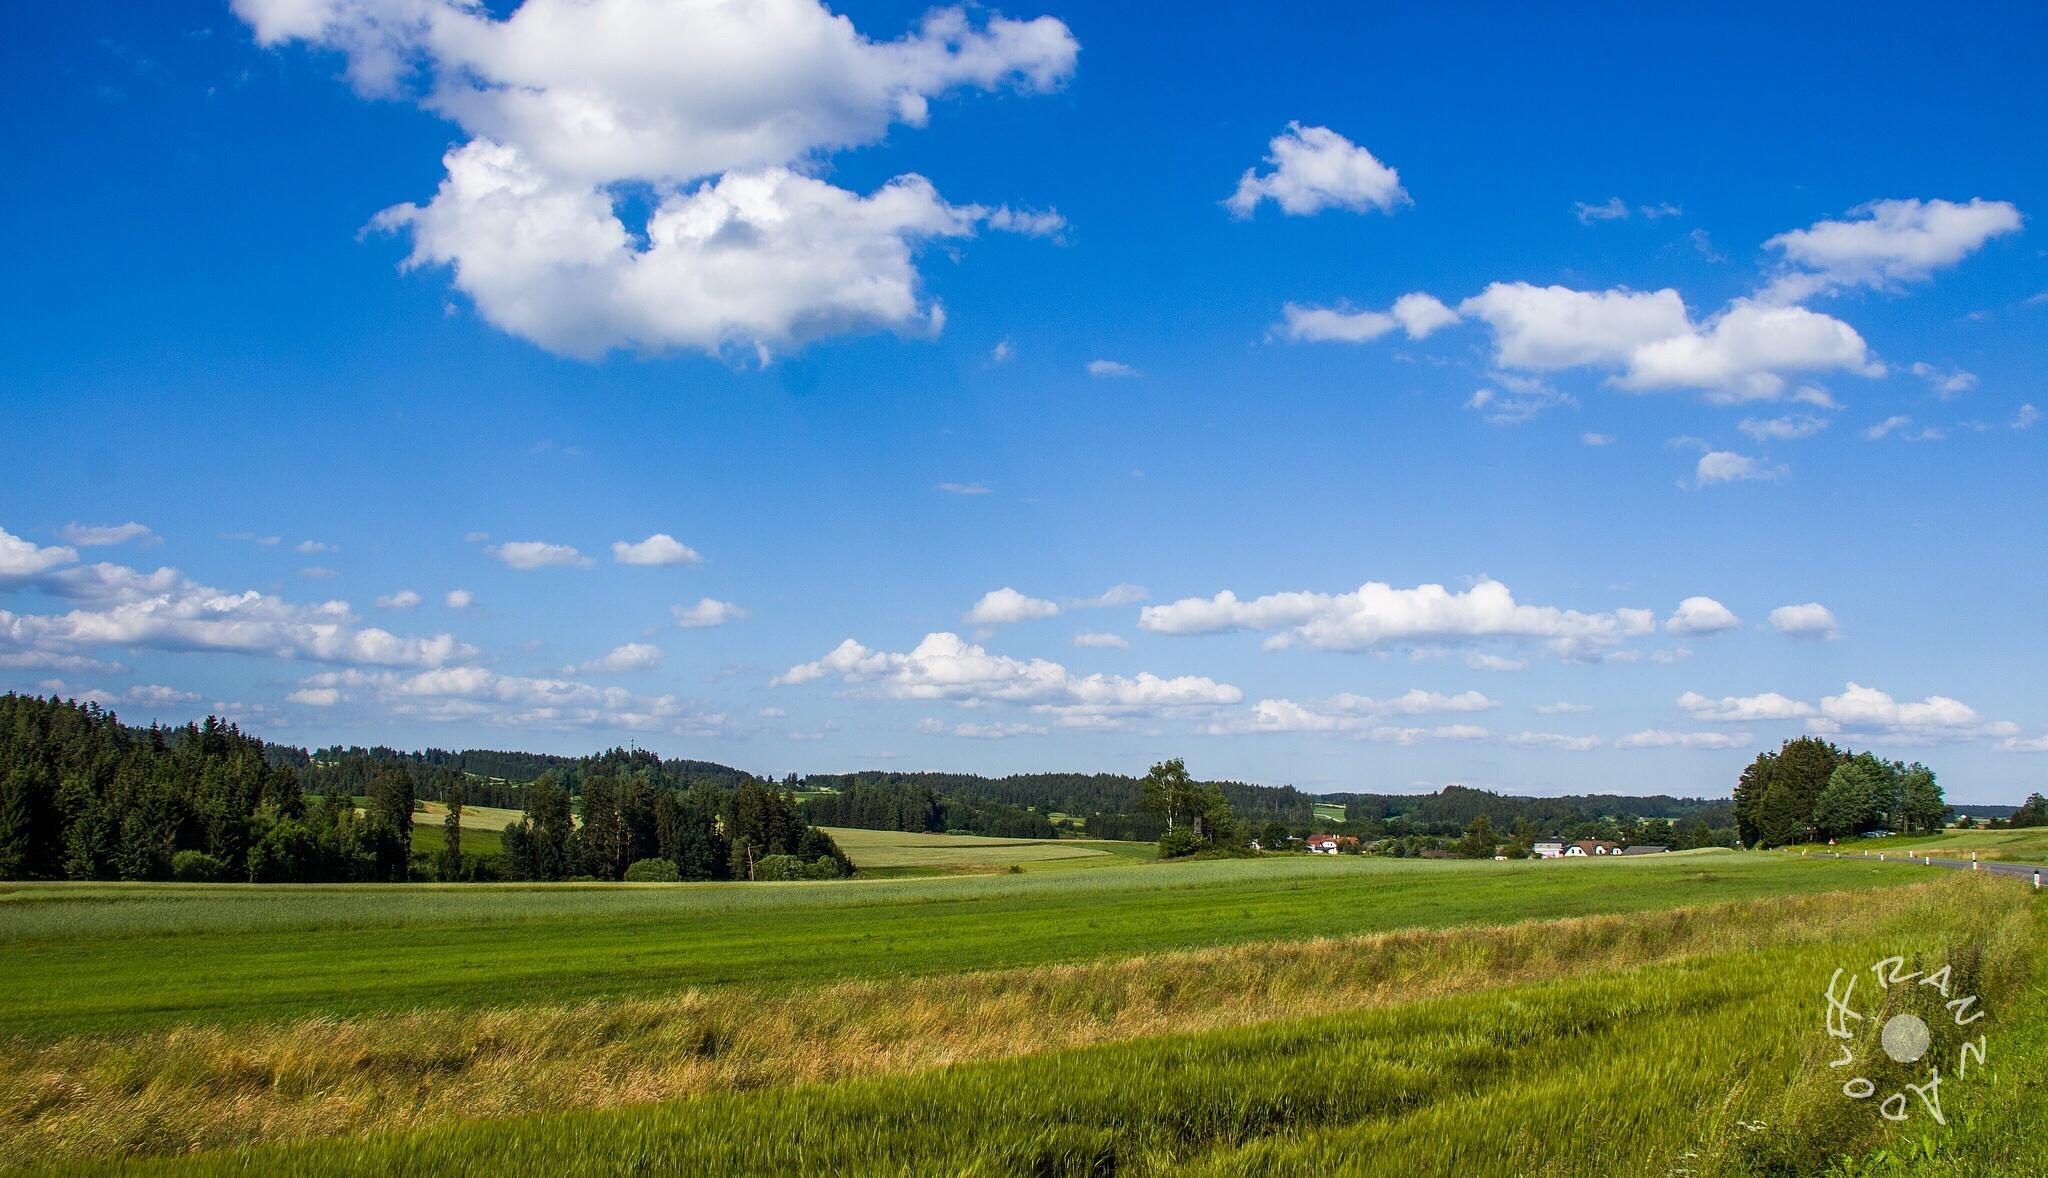 Green green grass ... by Franzl